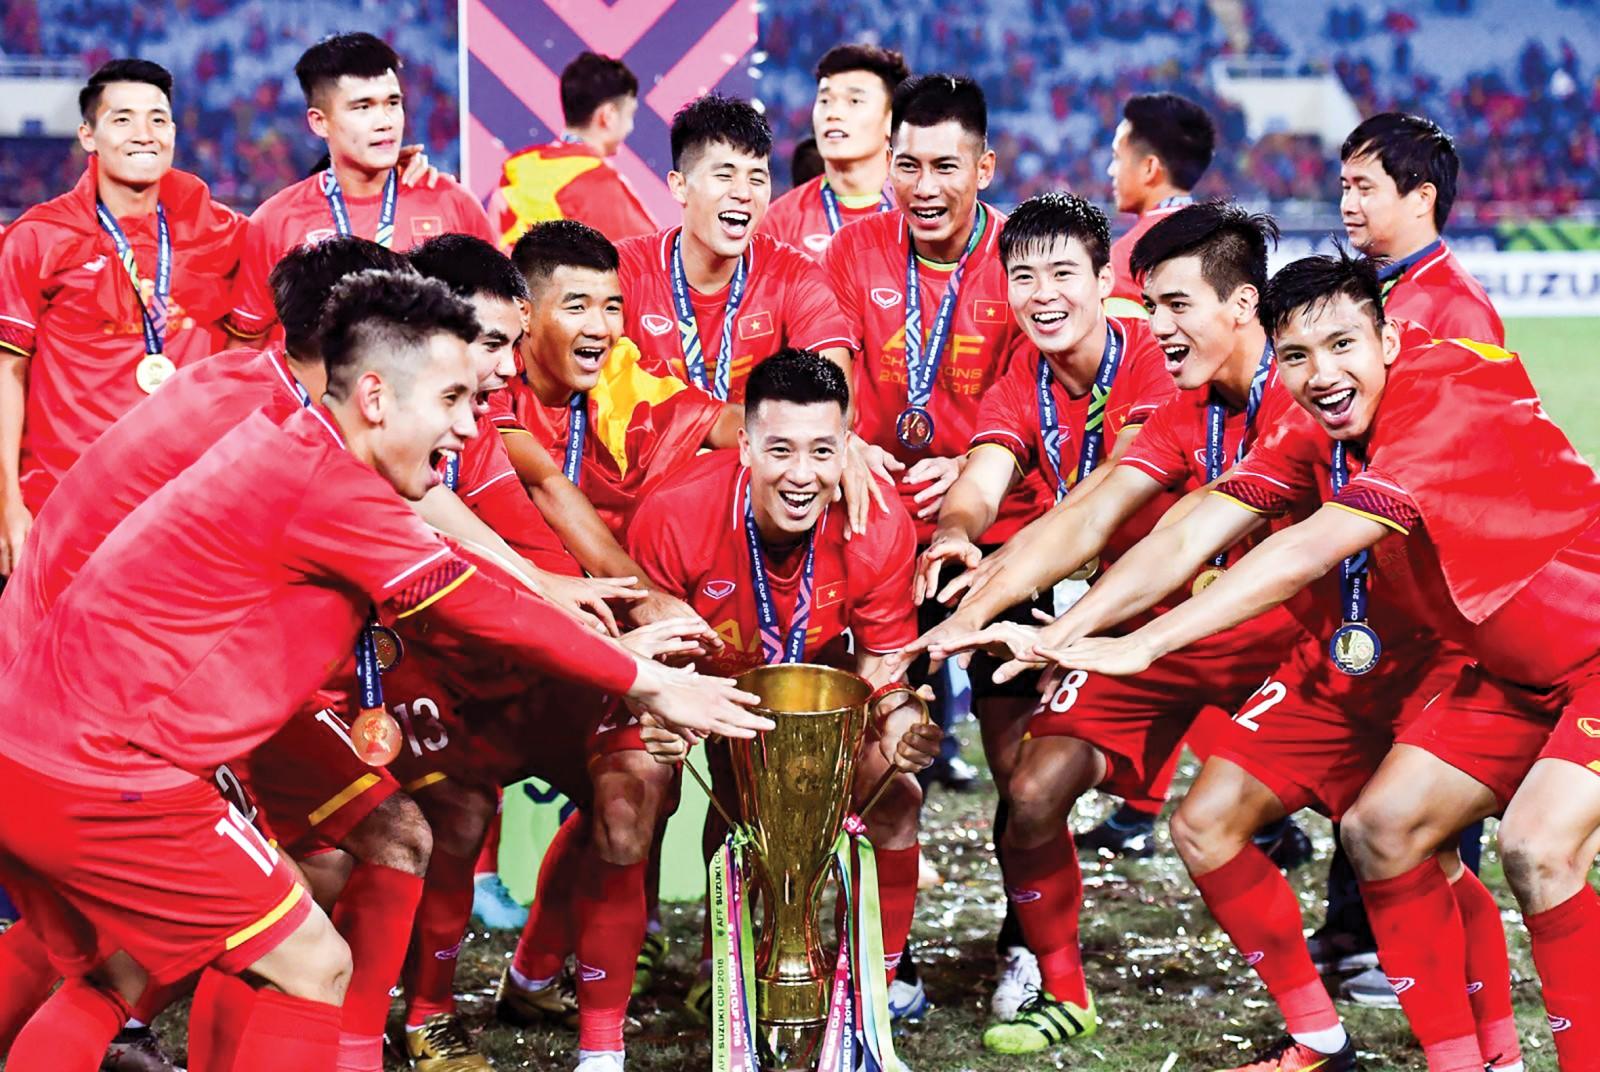 Tuyển Việt Nam cùng chiếc cúp vô địch AFF Cup. Ảnh: ITCnews